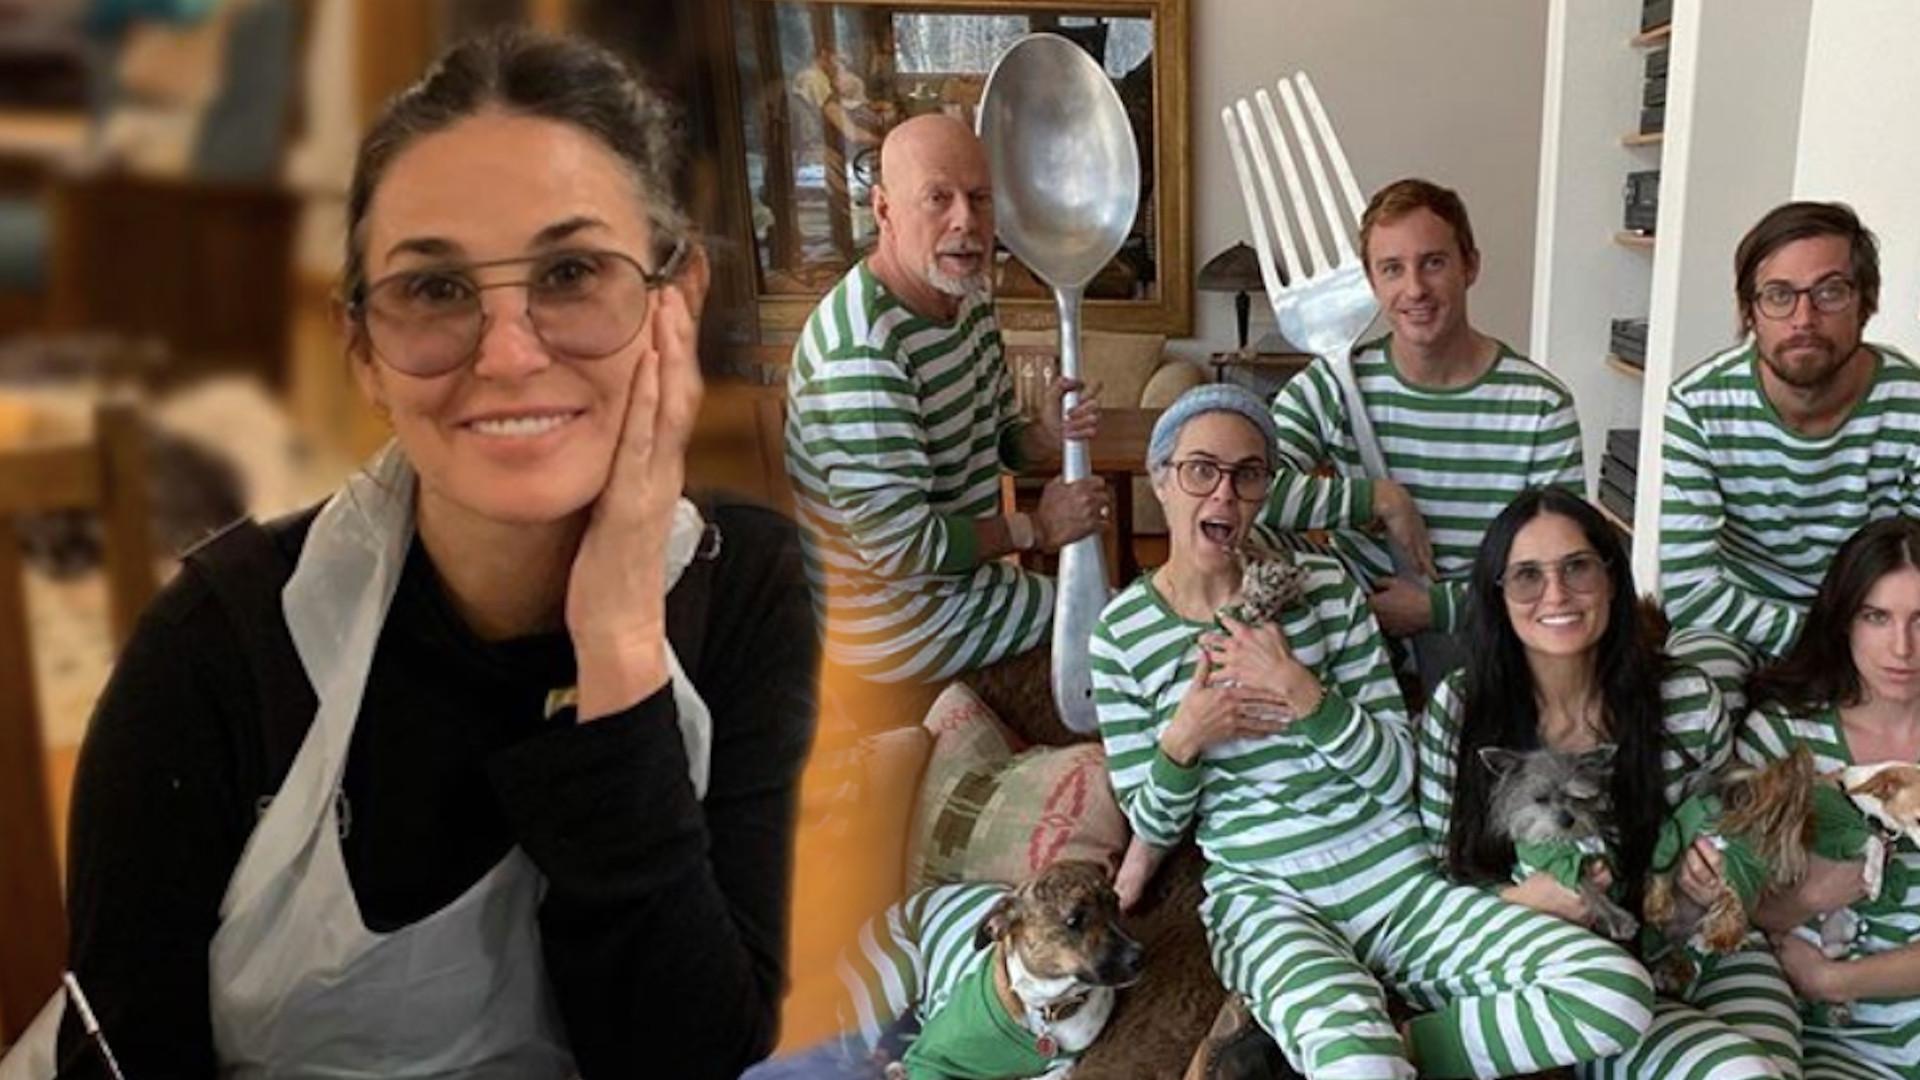 Córka Bruce'a Willisa i Demi Moore zdradziła, dlaczego tata nie izoluje się z żoną, tylko z EX